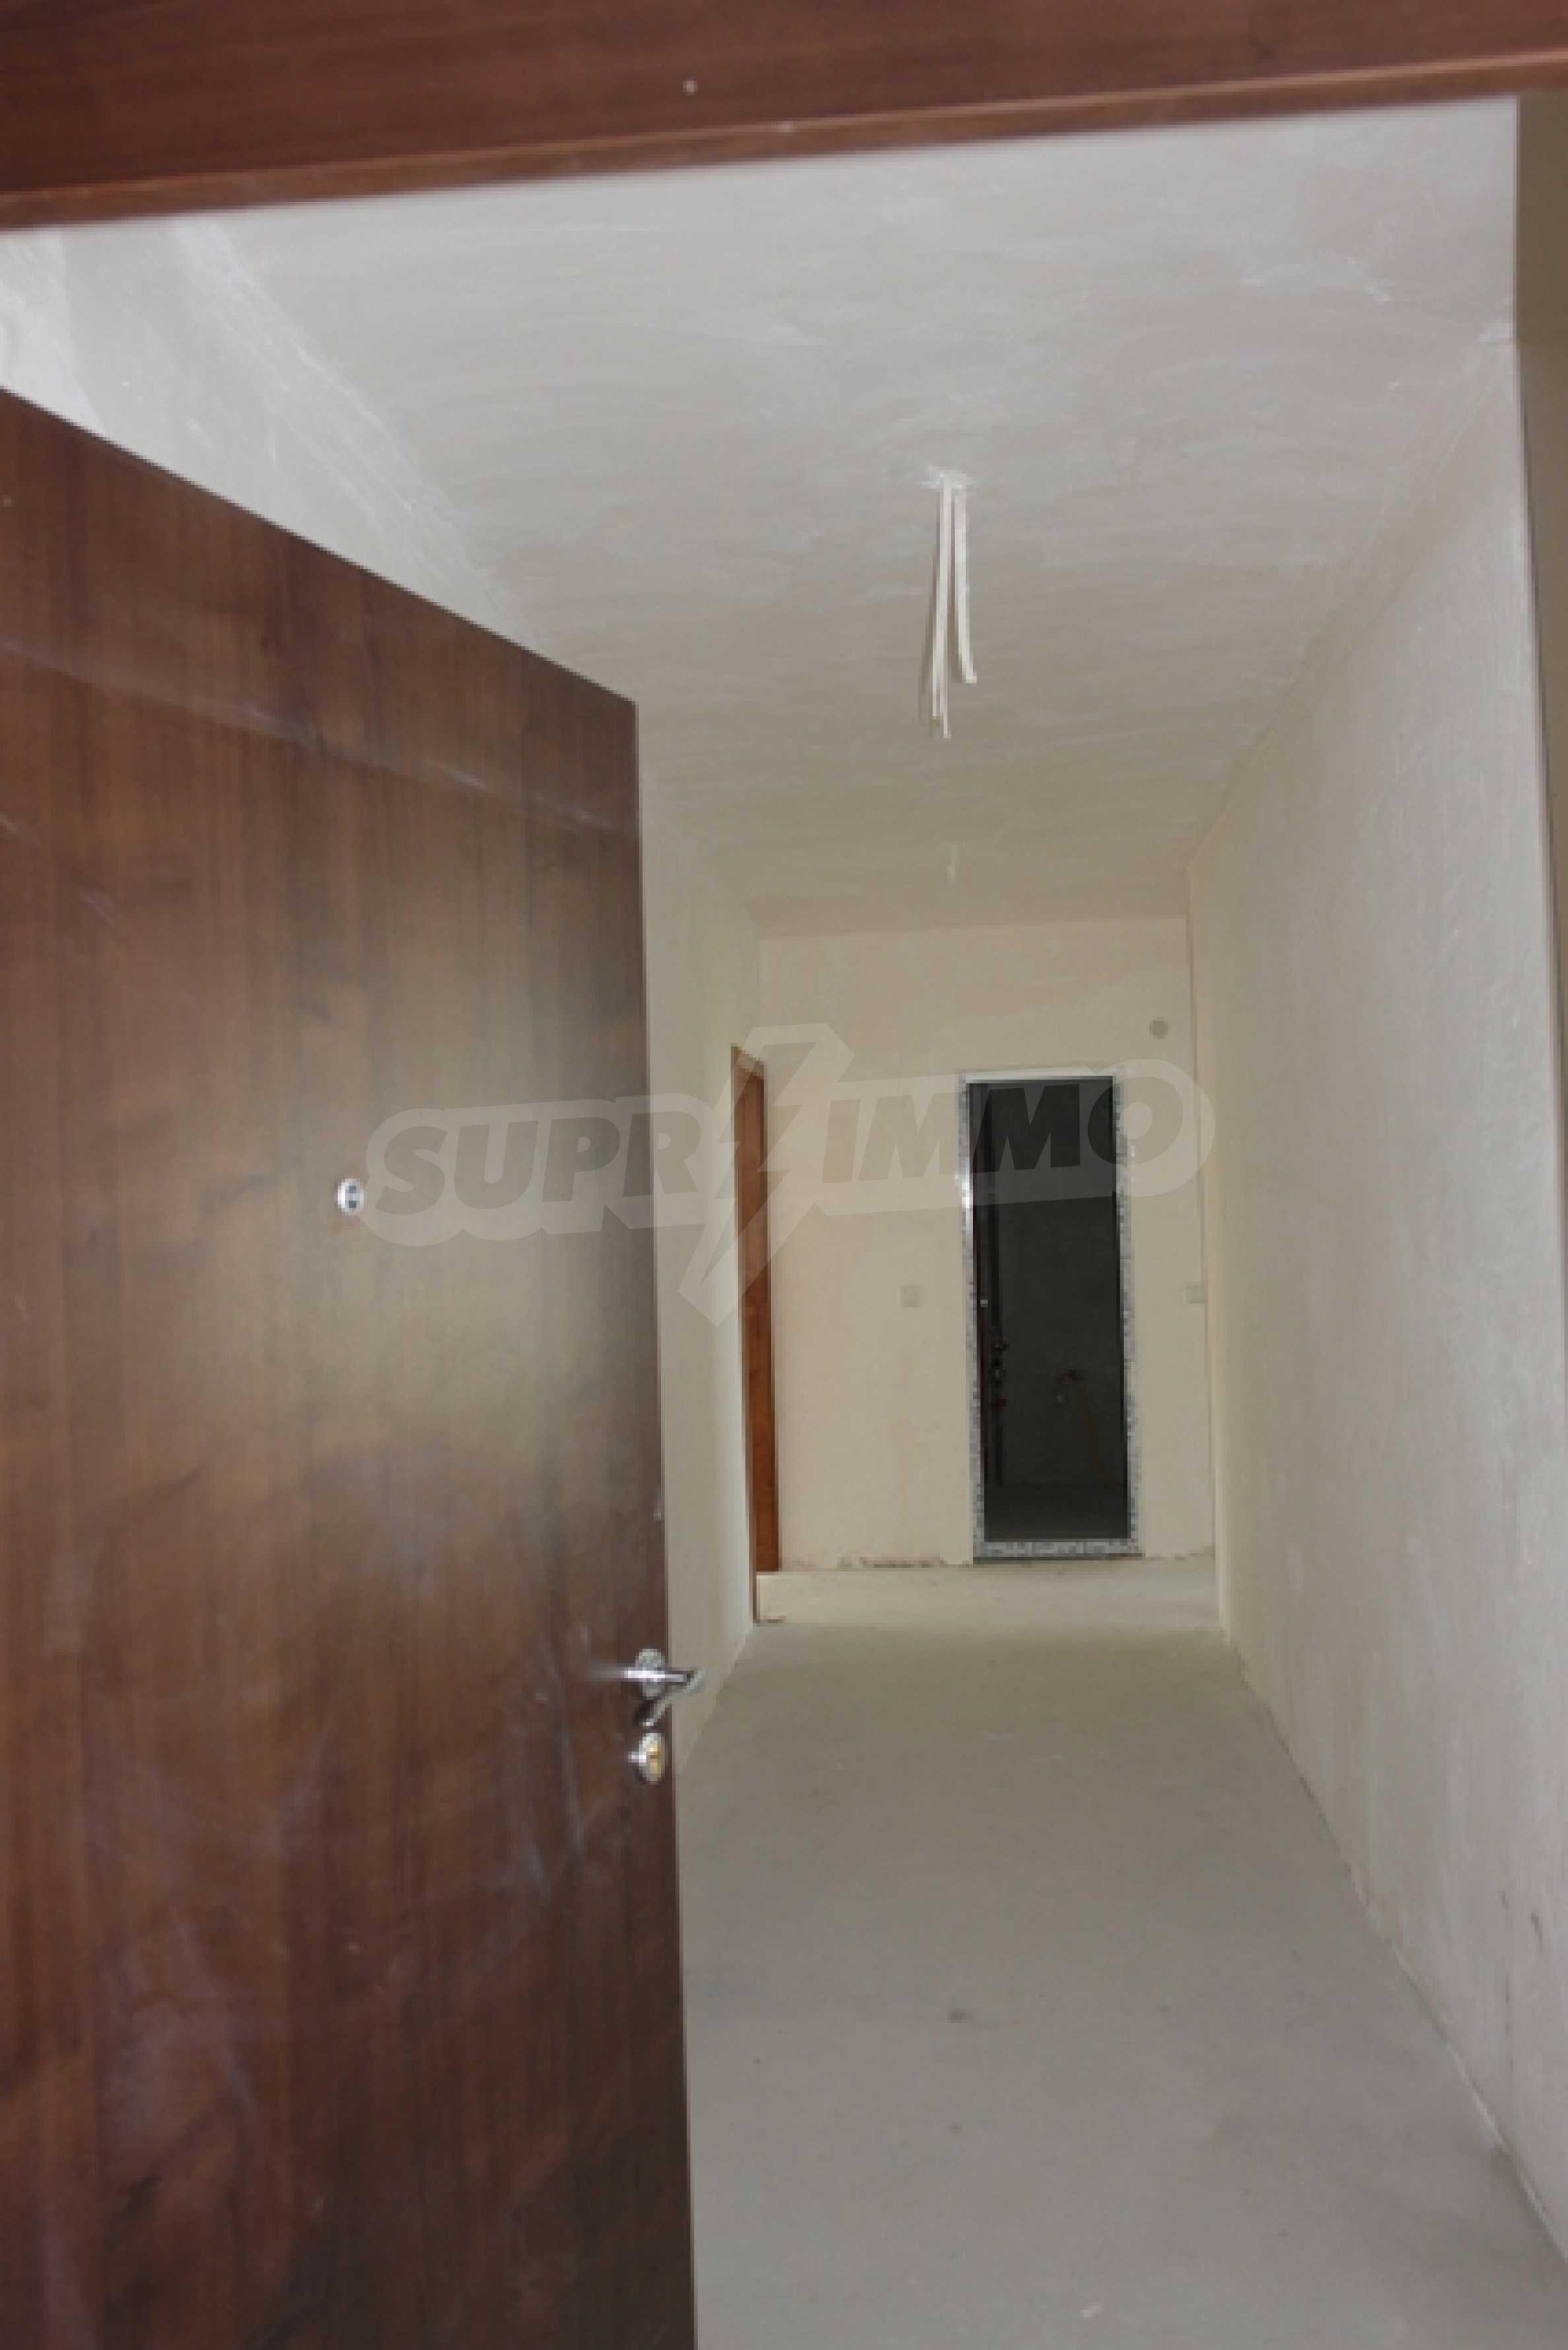 Apartment mit zwei Schlafzimmern in Rousse mit atemberaubendem Panorama auf die Stadt 5